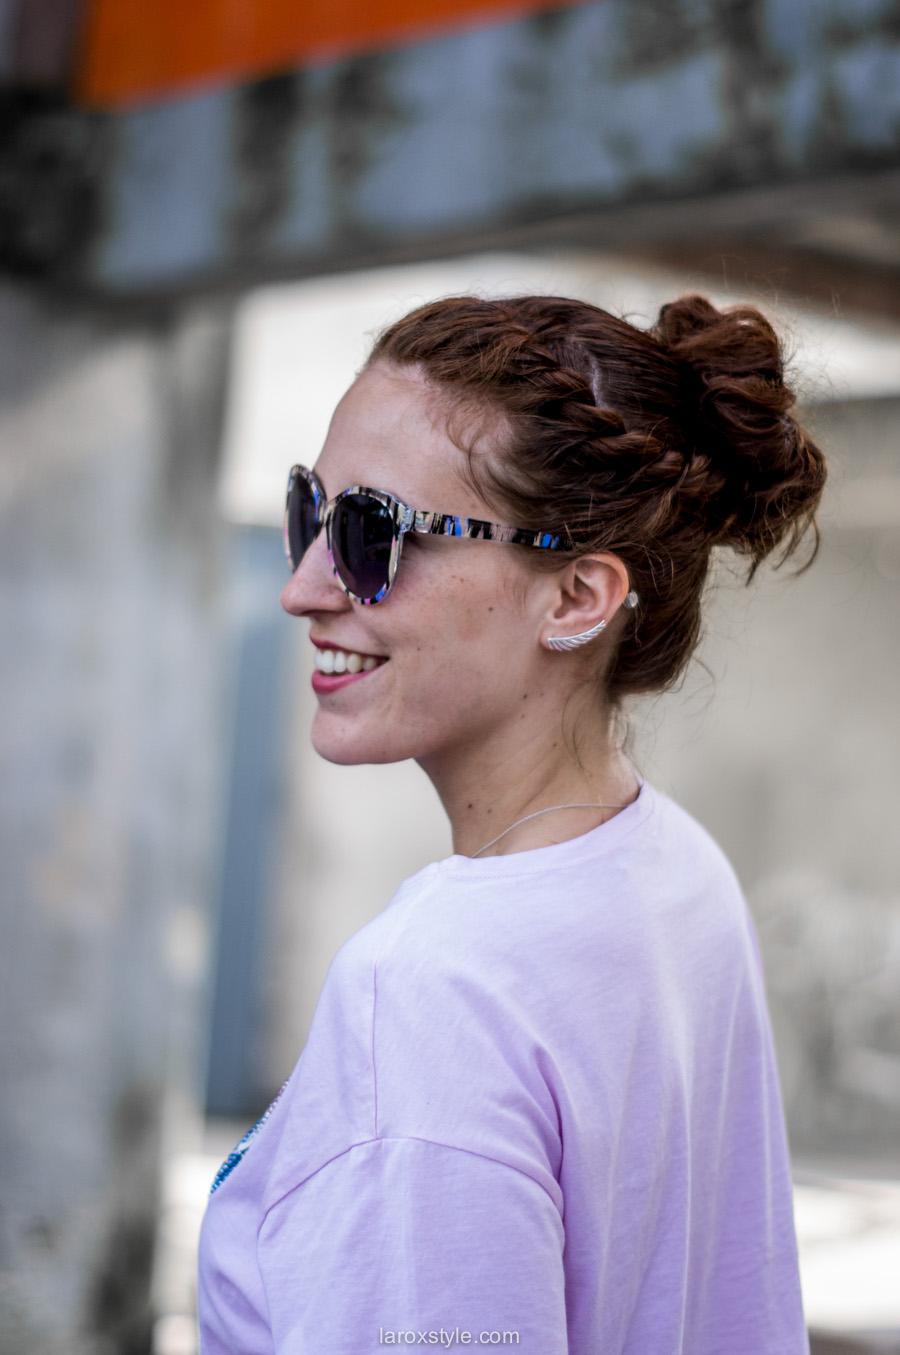 lunettes colorees - blog mode lyon